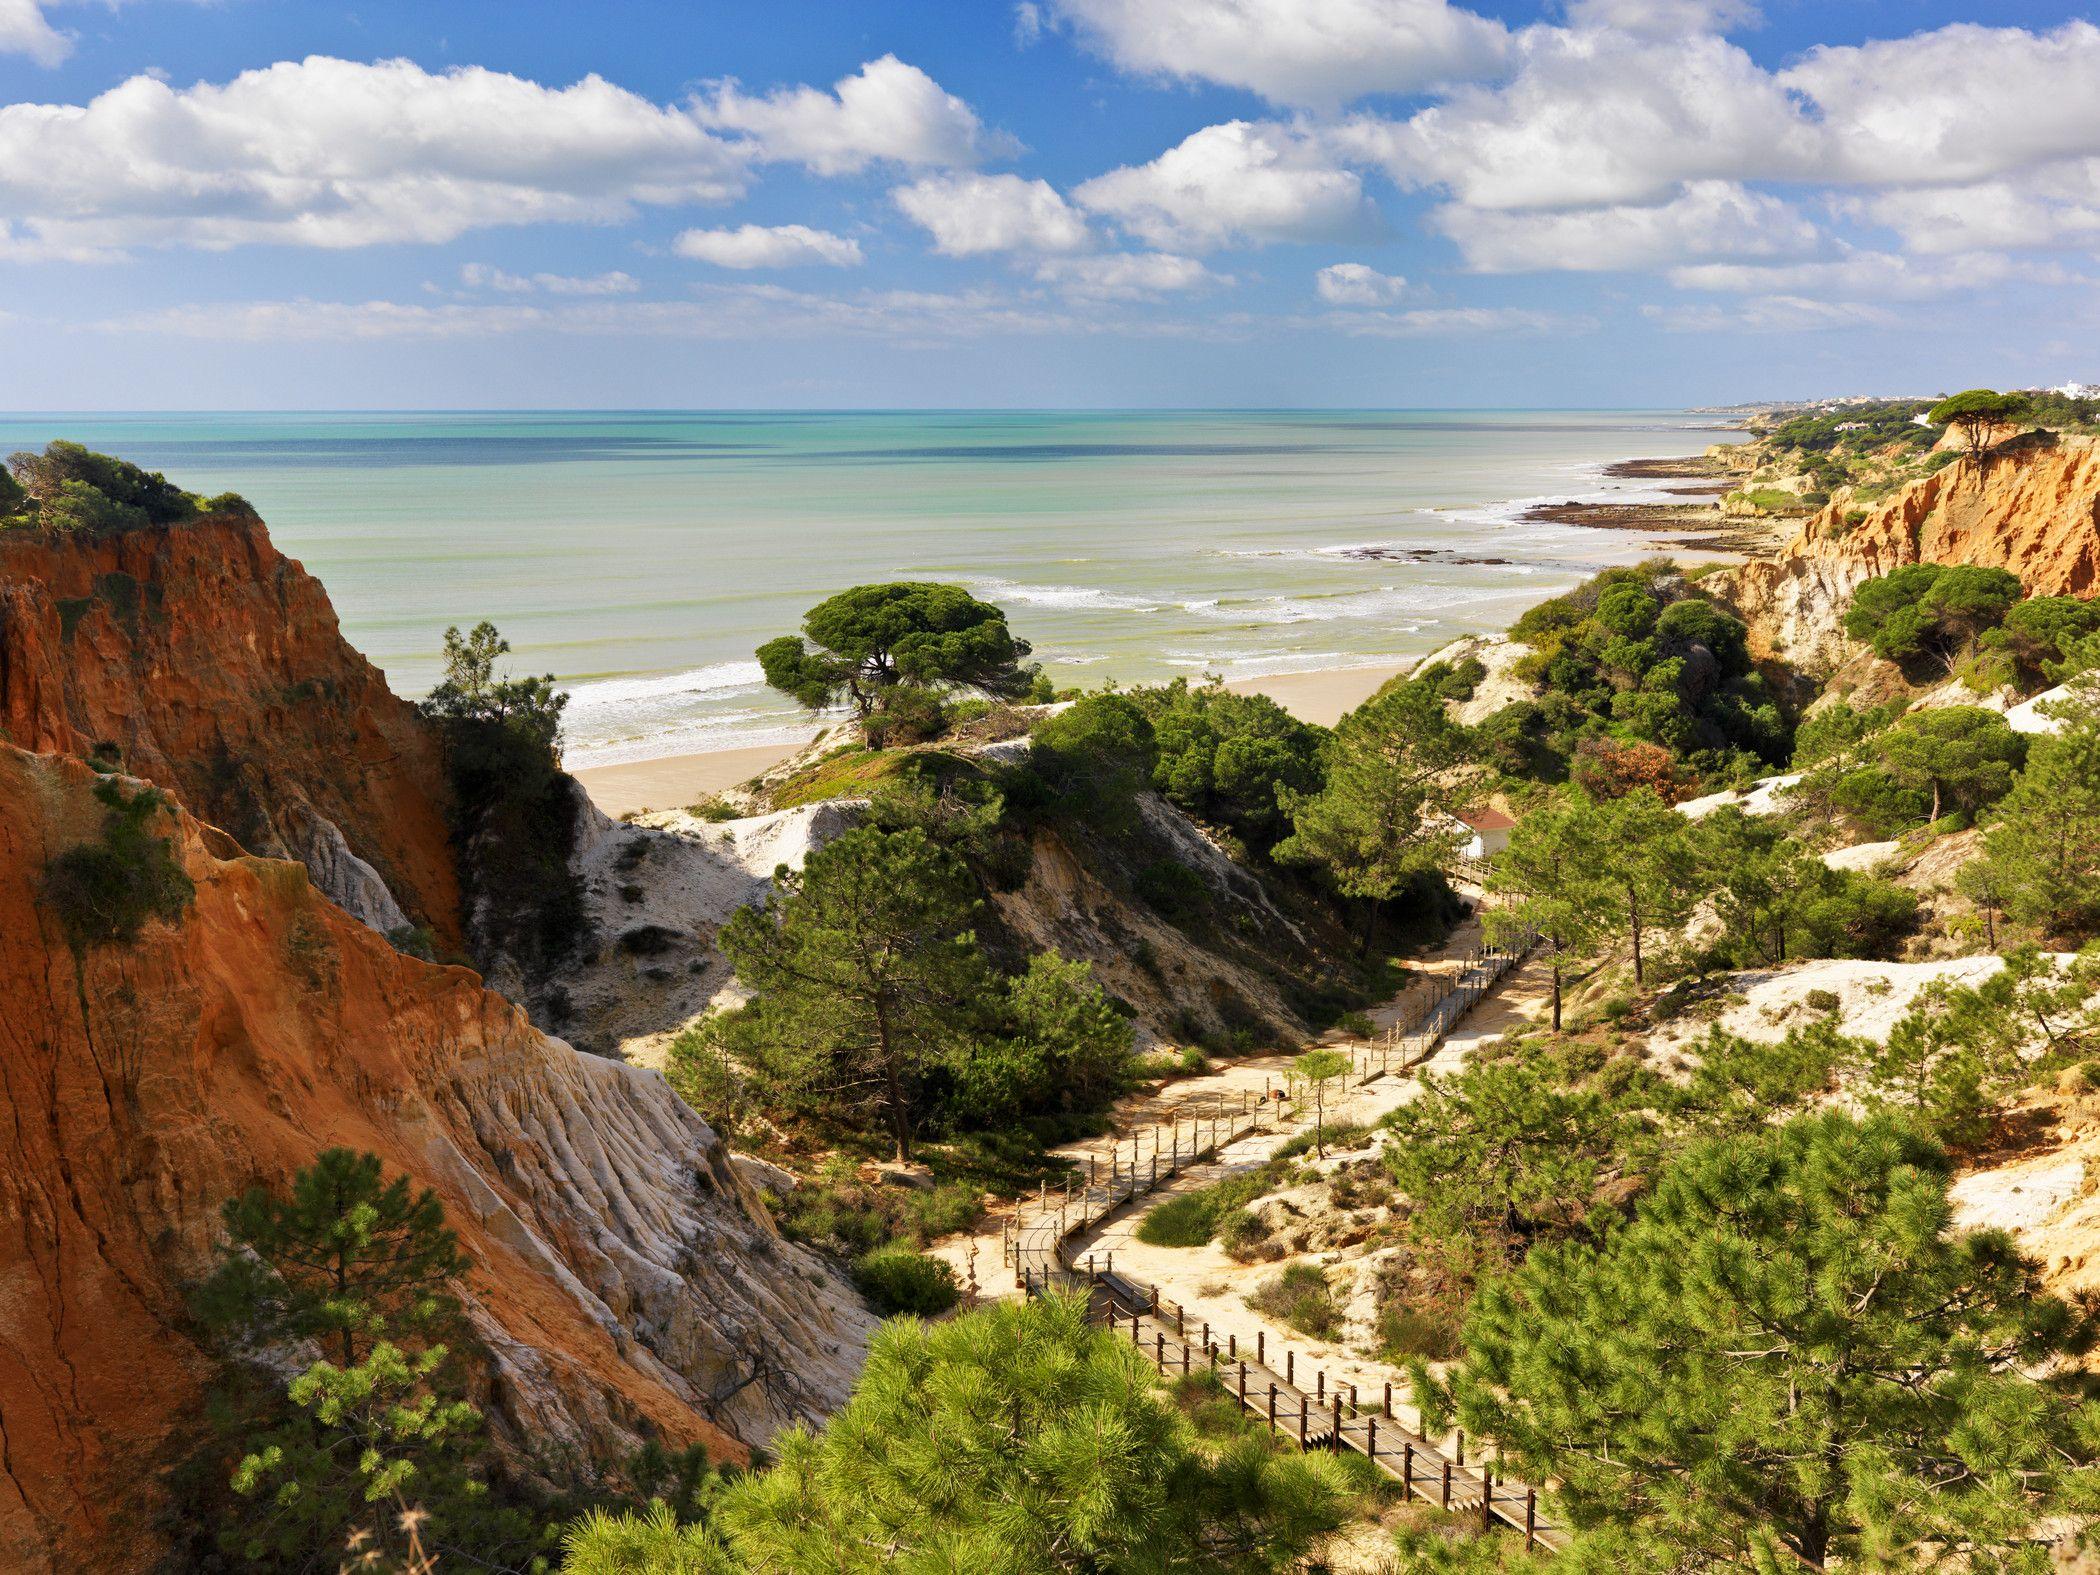 lux199wn-107465-Praia-da-Falesia-Beach-compressor